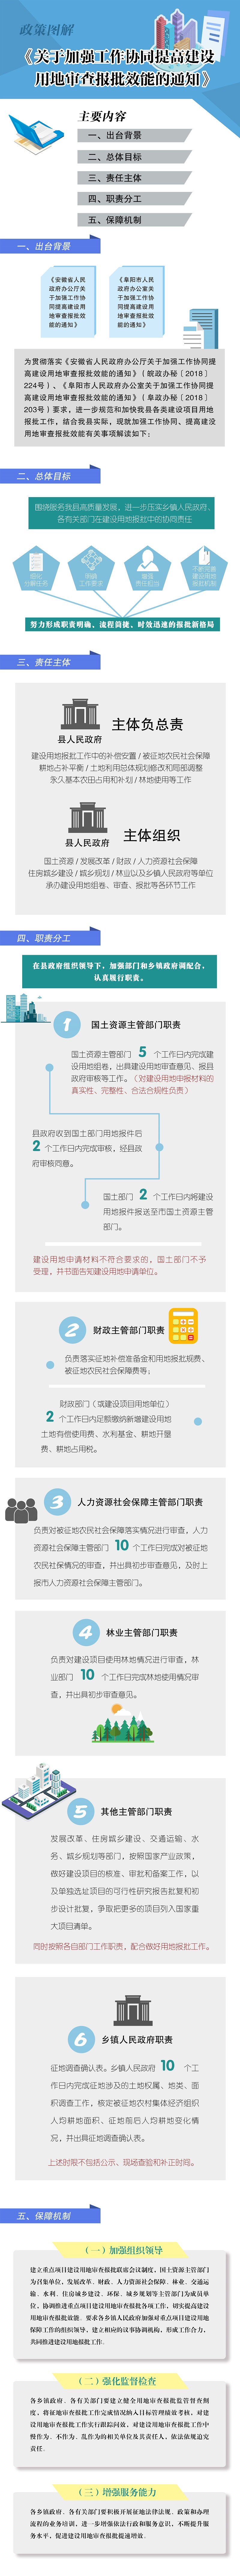 關于加強工作協同提高建設用地審查報批效能的通知 - 副本.jpg